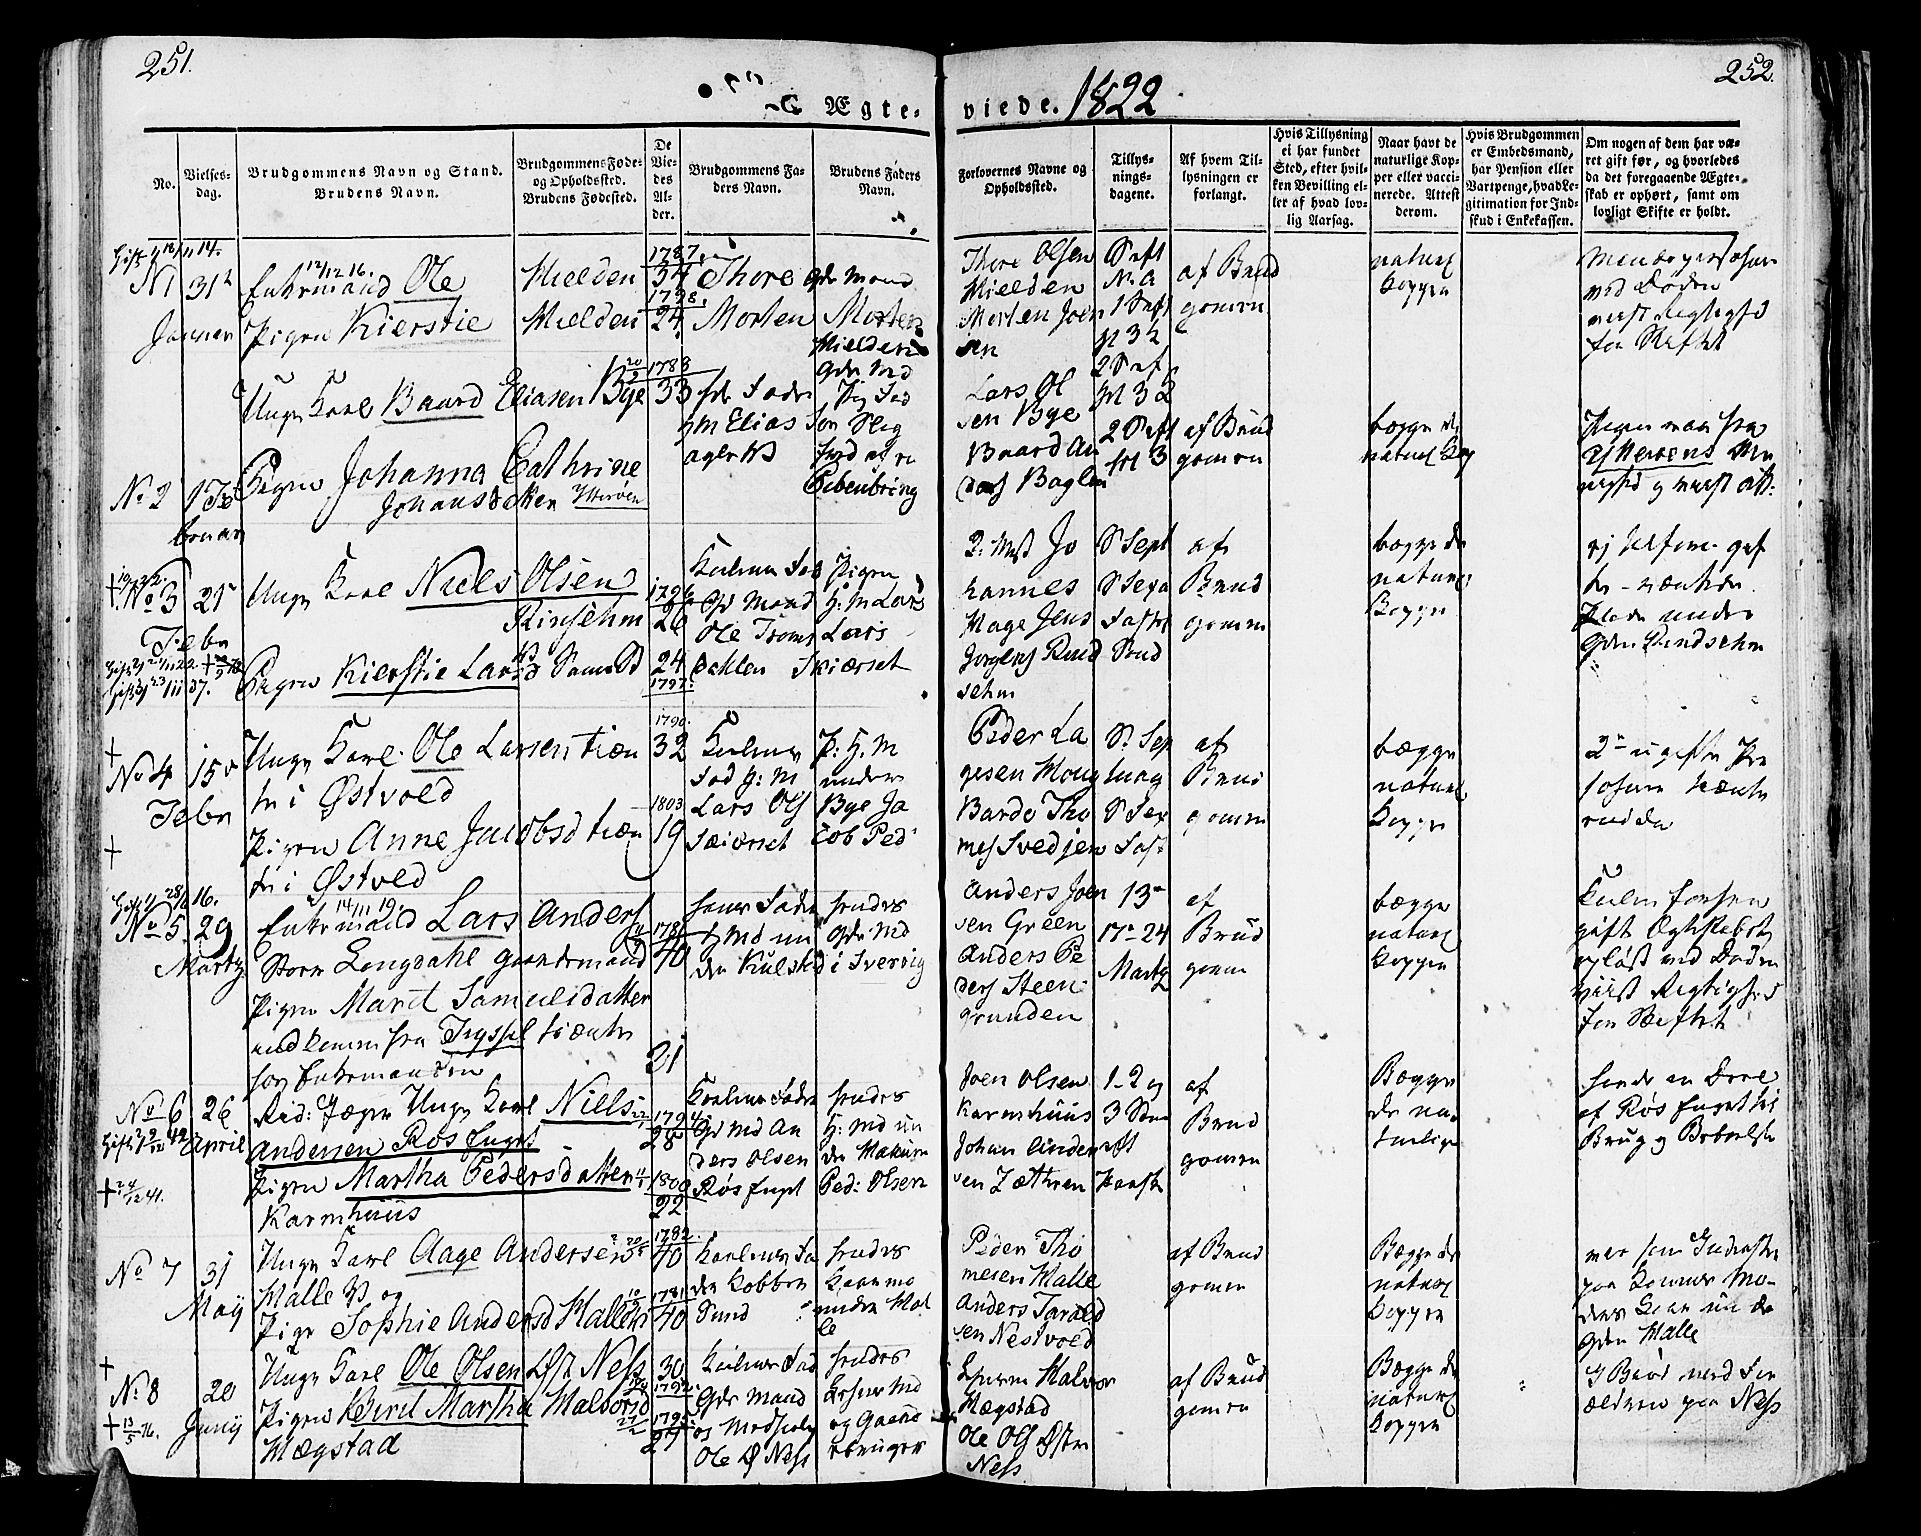 SAT, Ministerialprotokoller, klokkerbøker og fødselsregistre - Nord-Trøndelag, 723/L0237: Ministerialbok nr. 723A06, 1822-1830, s. 251-252